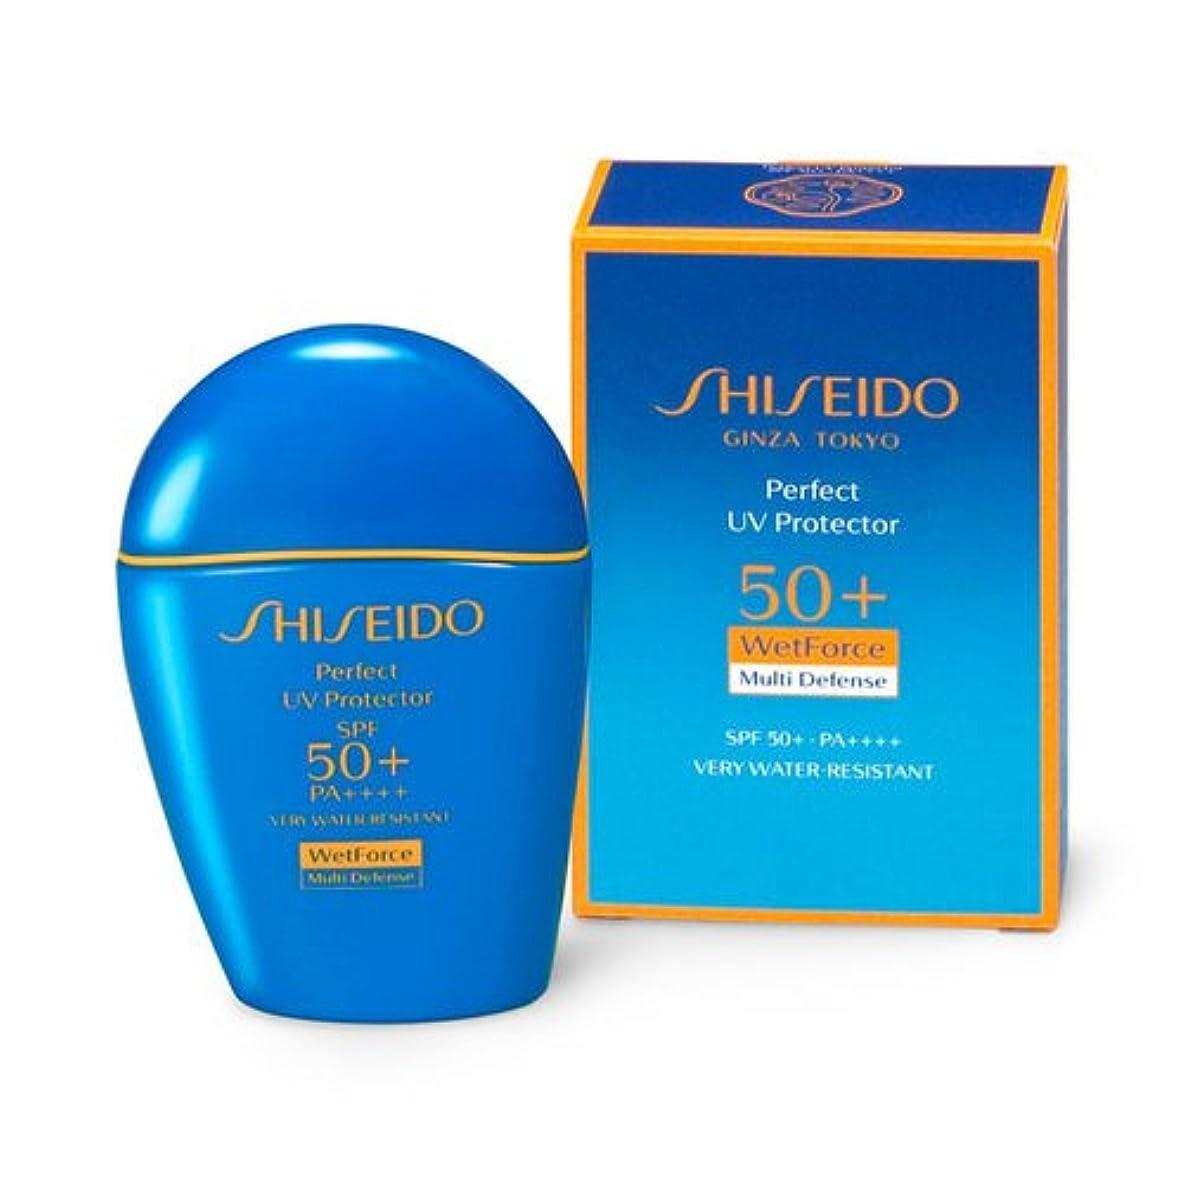 局壁紙上陸SHISEIDO Suncare(資生堂 サンケア) SHISEIDO(資生堂) パーフェクト UVプロテクター 50mL